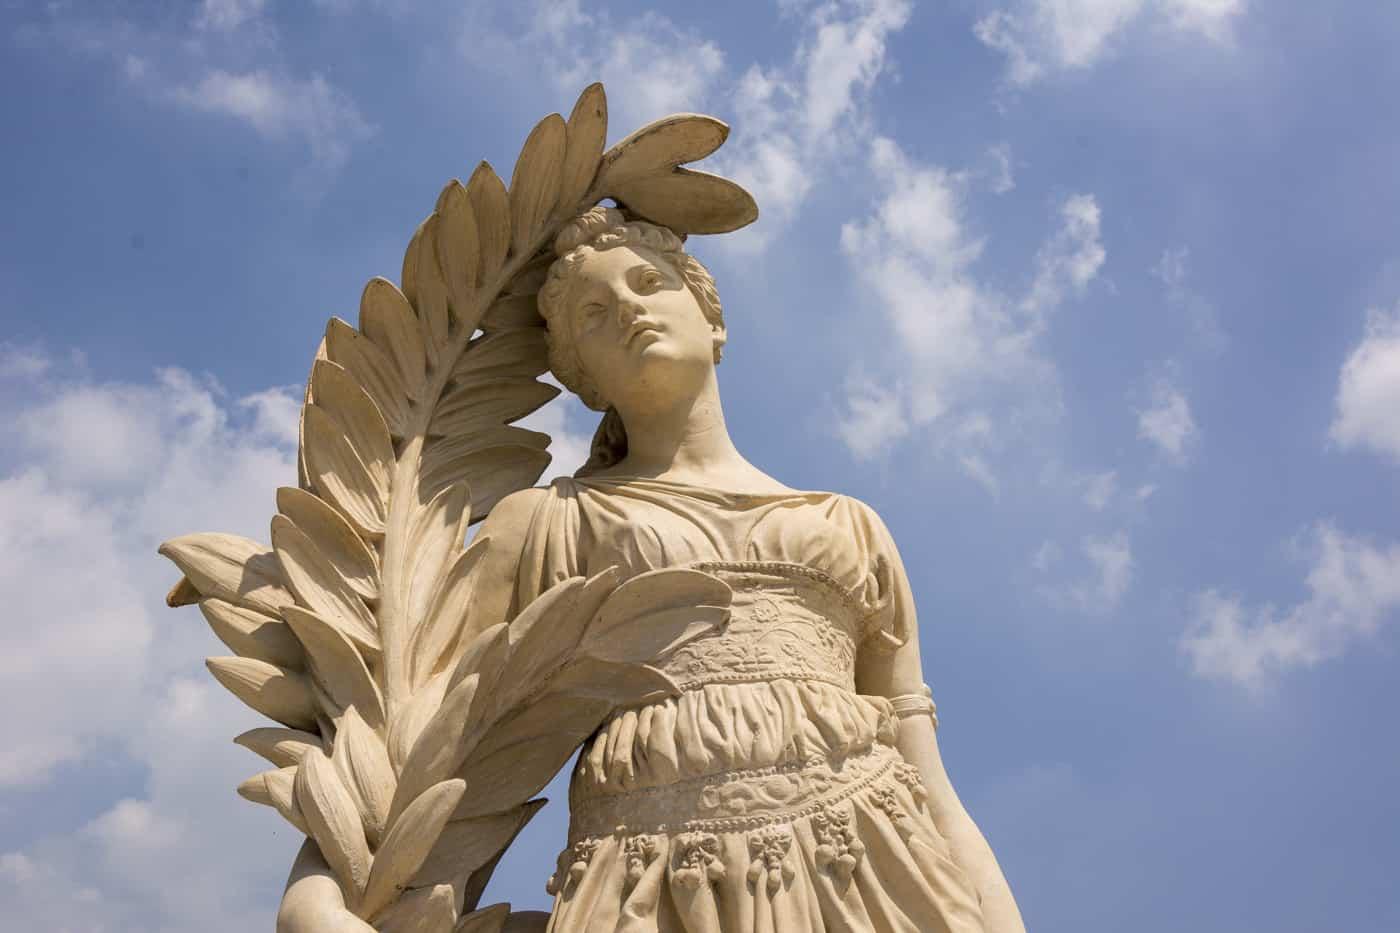 Mächtige Figuren im Grieschichen Stil findet man überall im Park